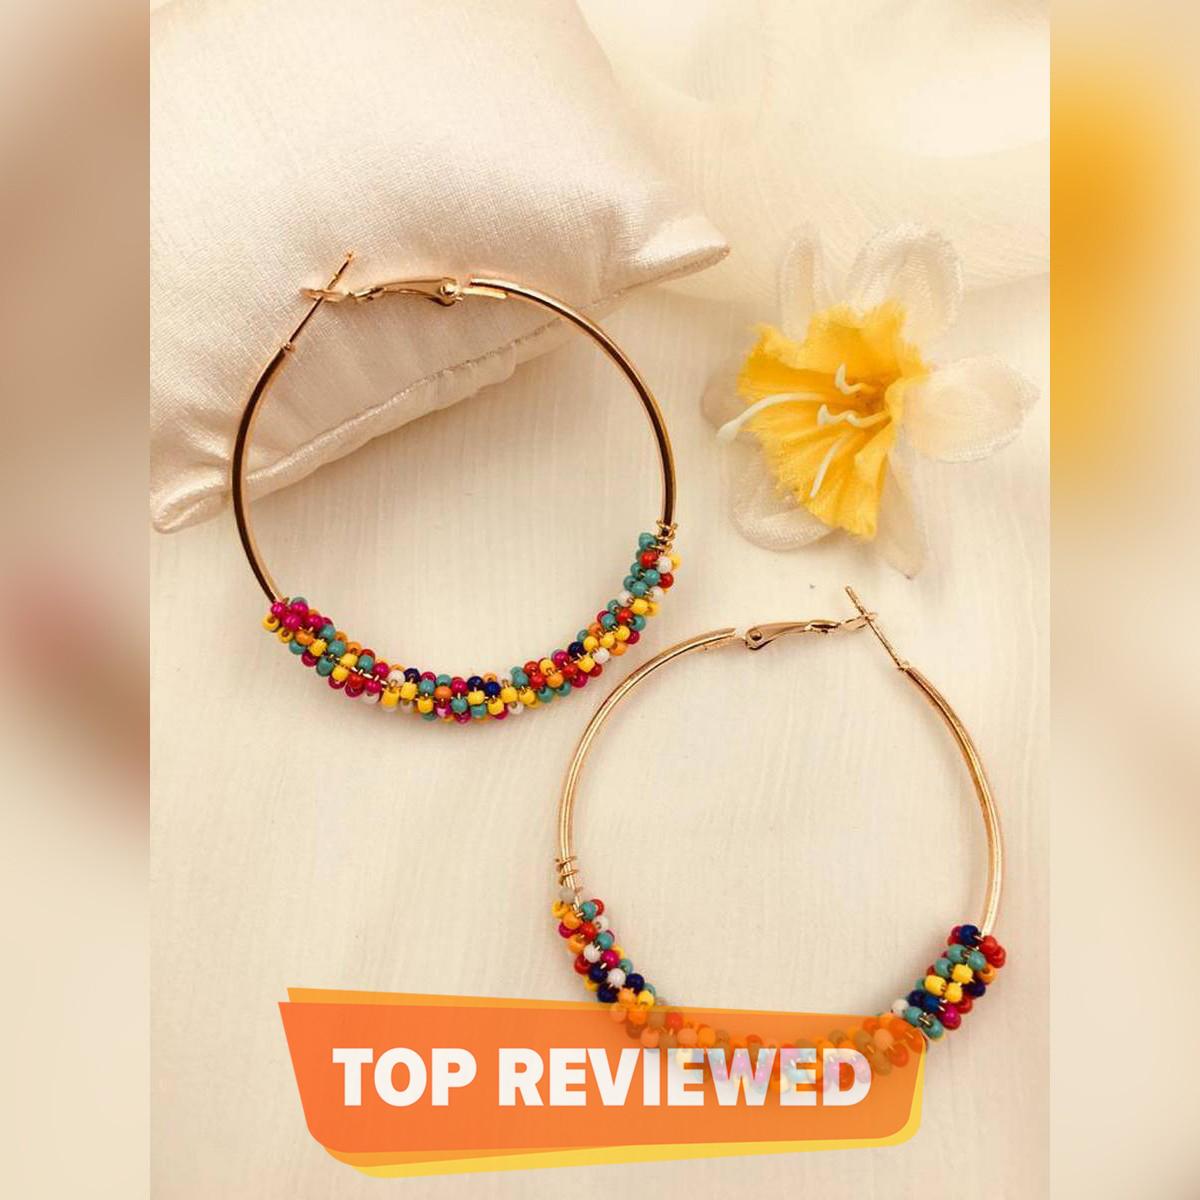 Imported Gajra Bali Earrings Fancy Golden Women Earrings Small Multi Pearl Circle Earrings